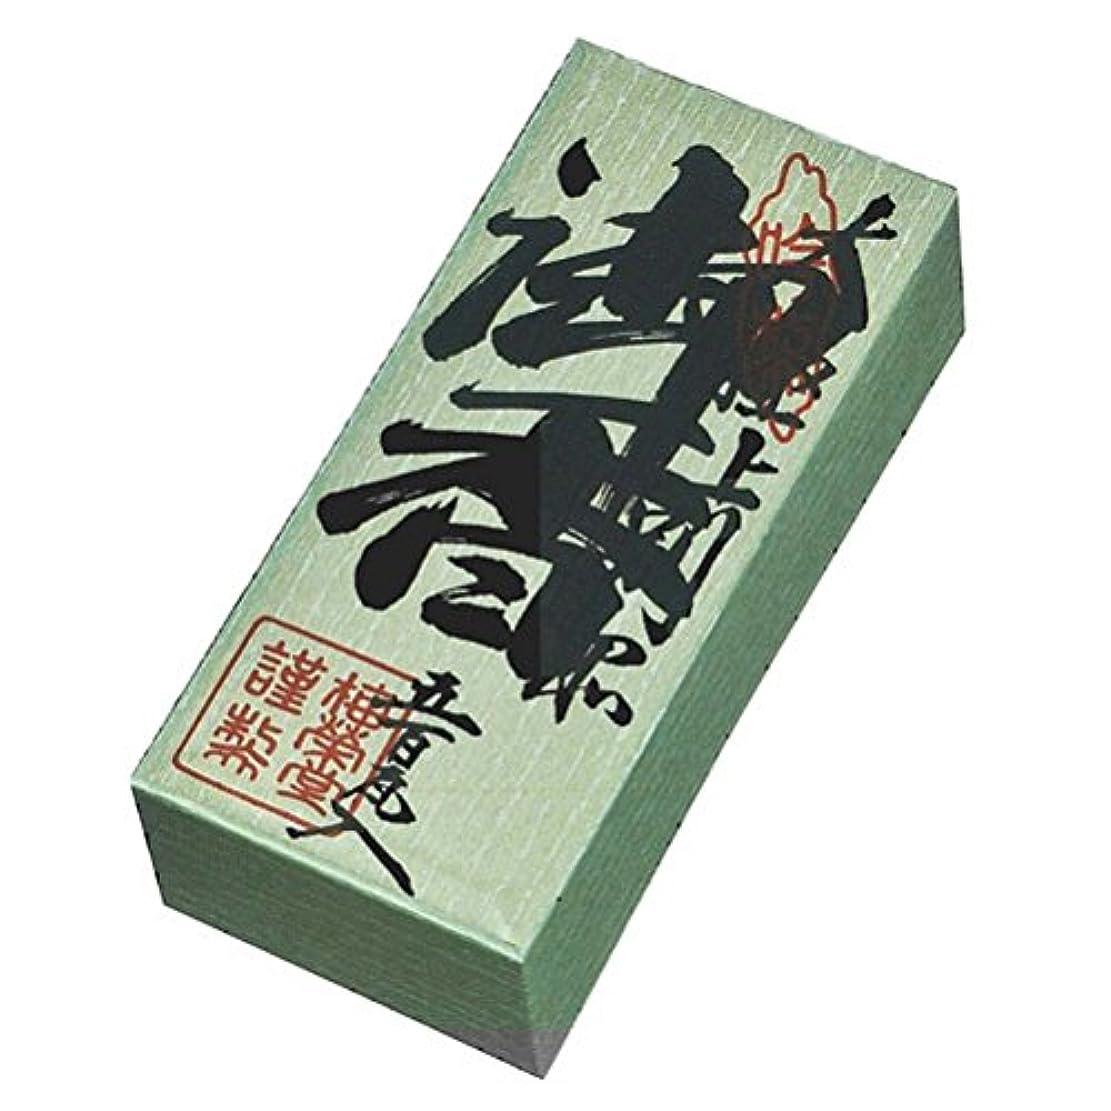 離れて最も遠い反毒仙寿印 500g 紙箱入り お焼香 梅栄堂